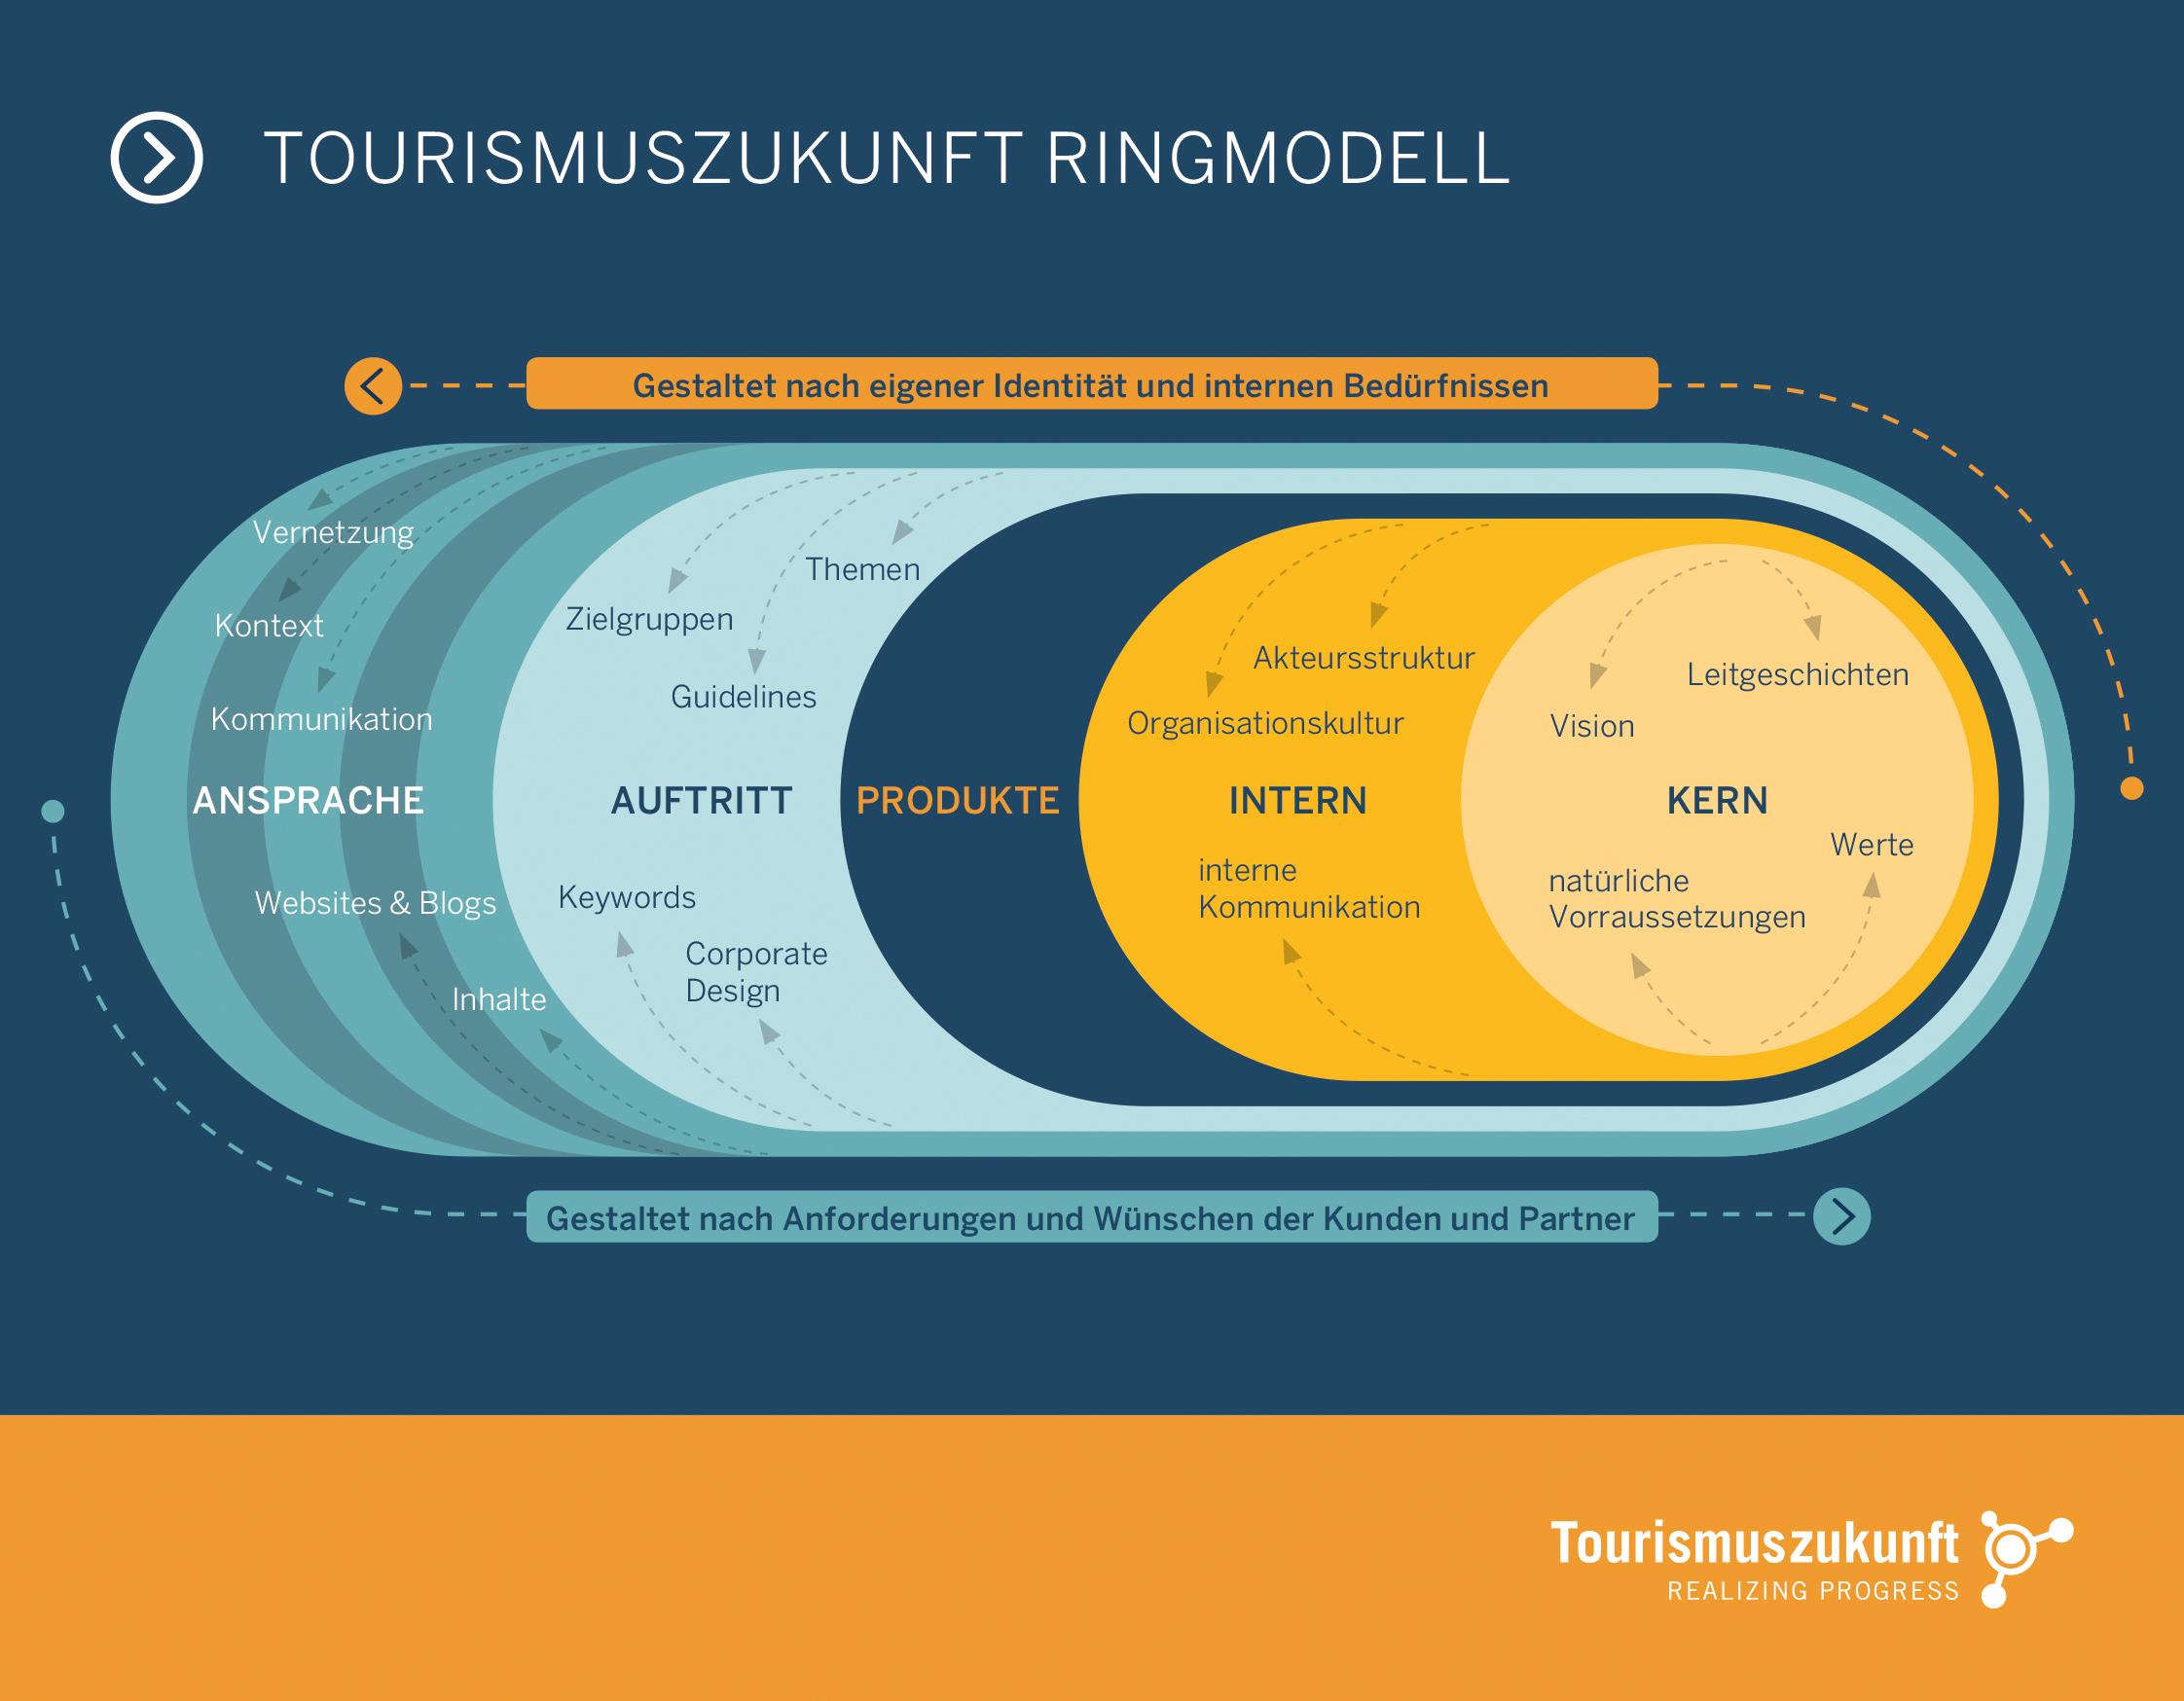 Das neue Ringmodell von Tourismuszukunft